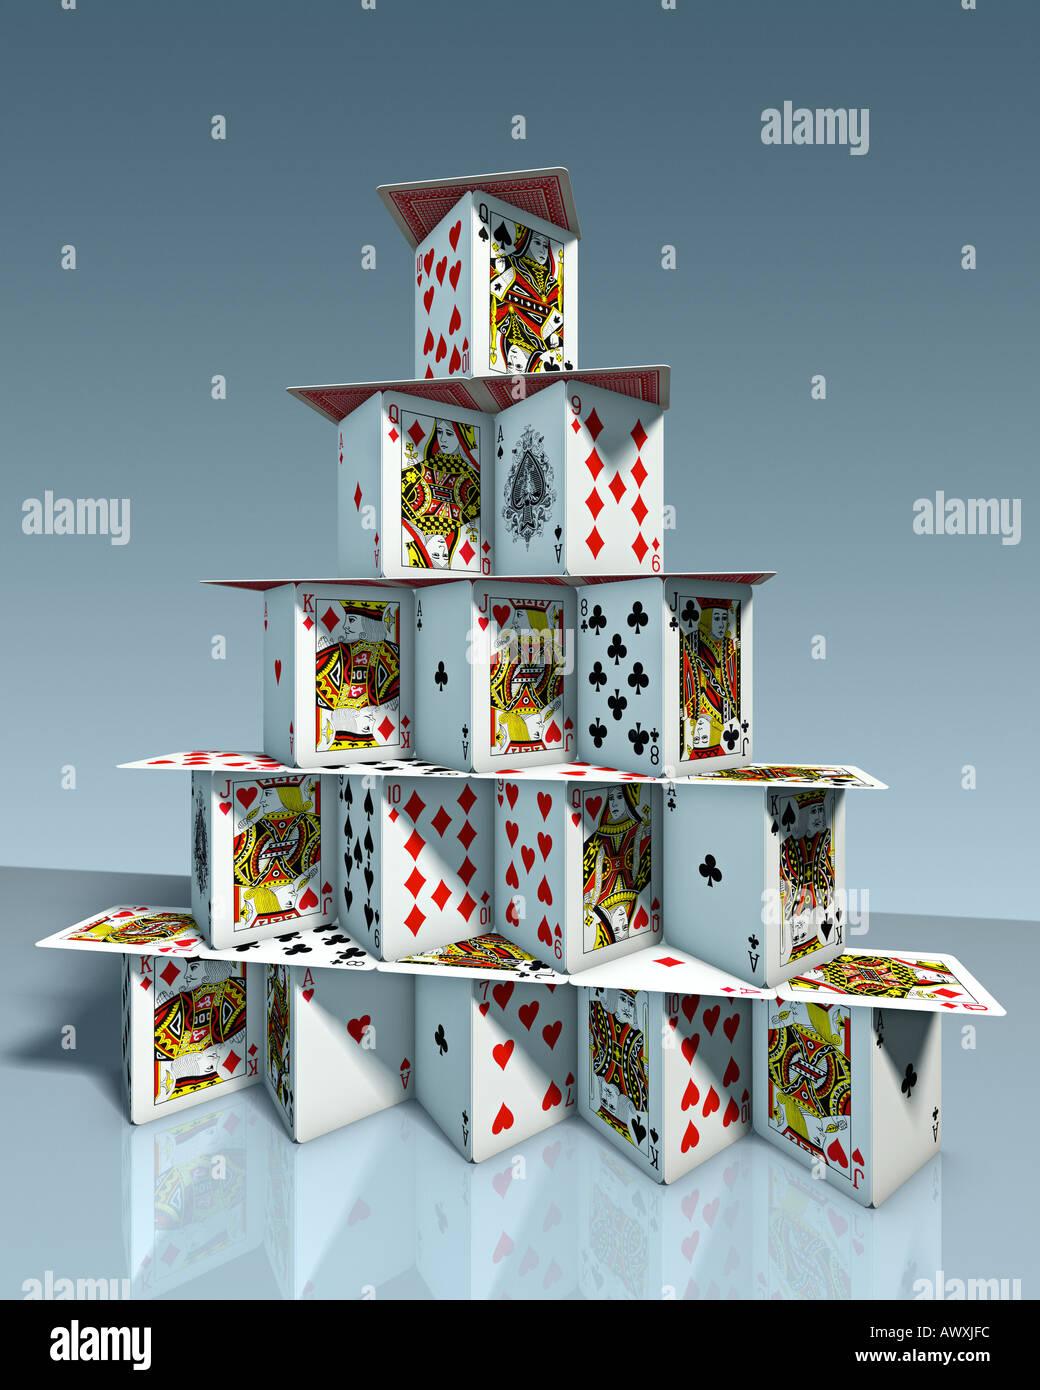 Château de chart house dans l'air jeu de cartes jeu de cartes symbole de l'harmonie l'équilibre de l'état de l'organisation de l'entreprise association club Photo Stock